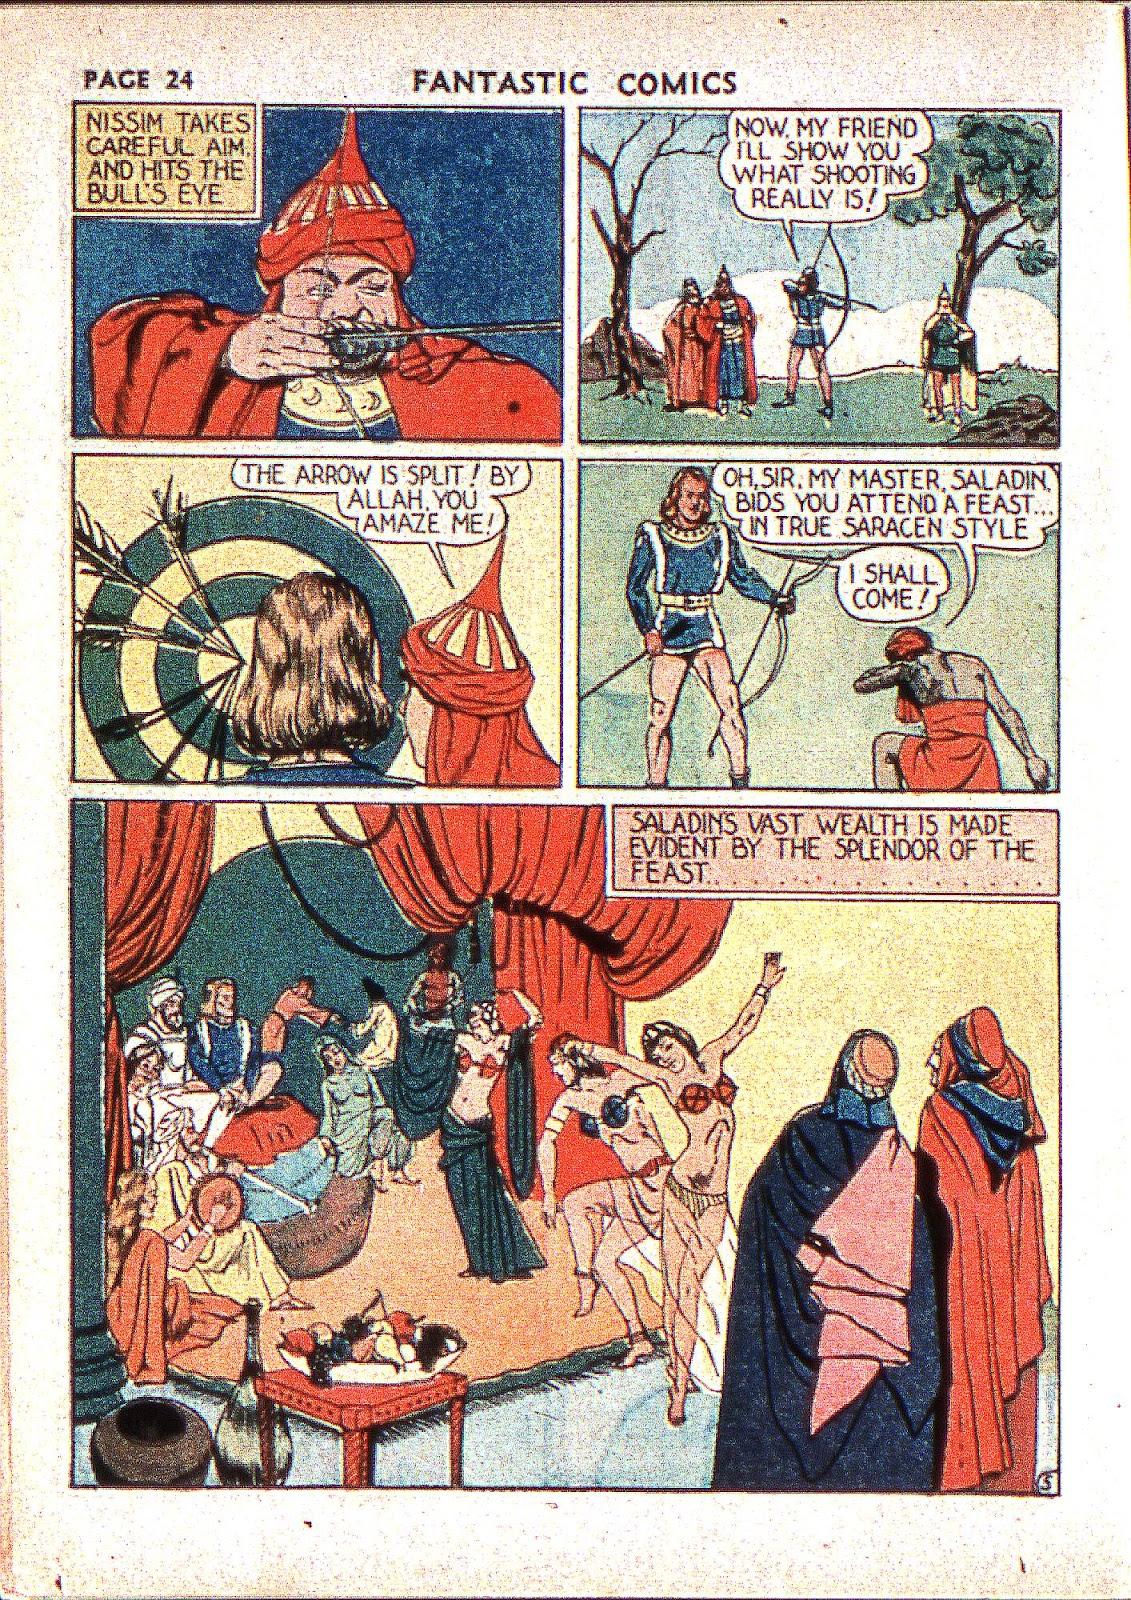 Read online Fantastic Comics comic -  Issue #2 - 26